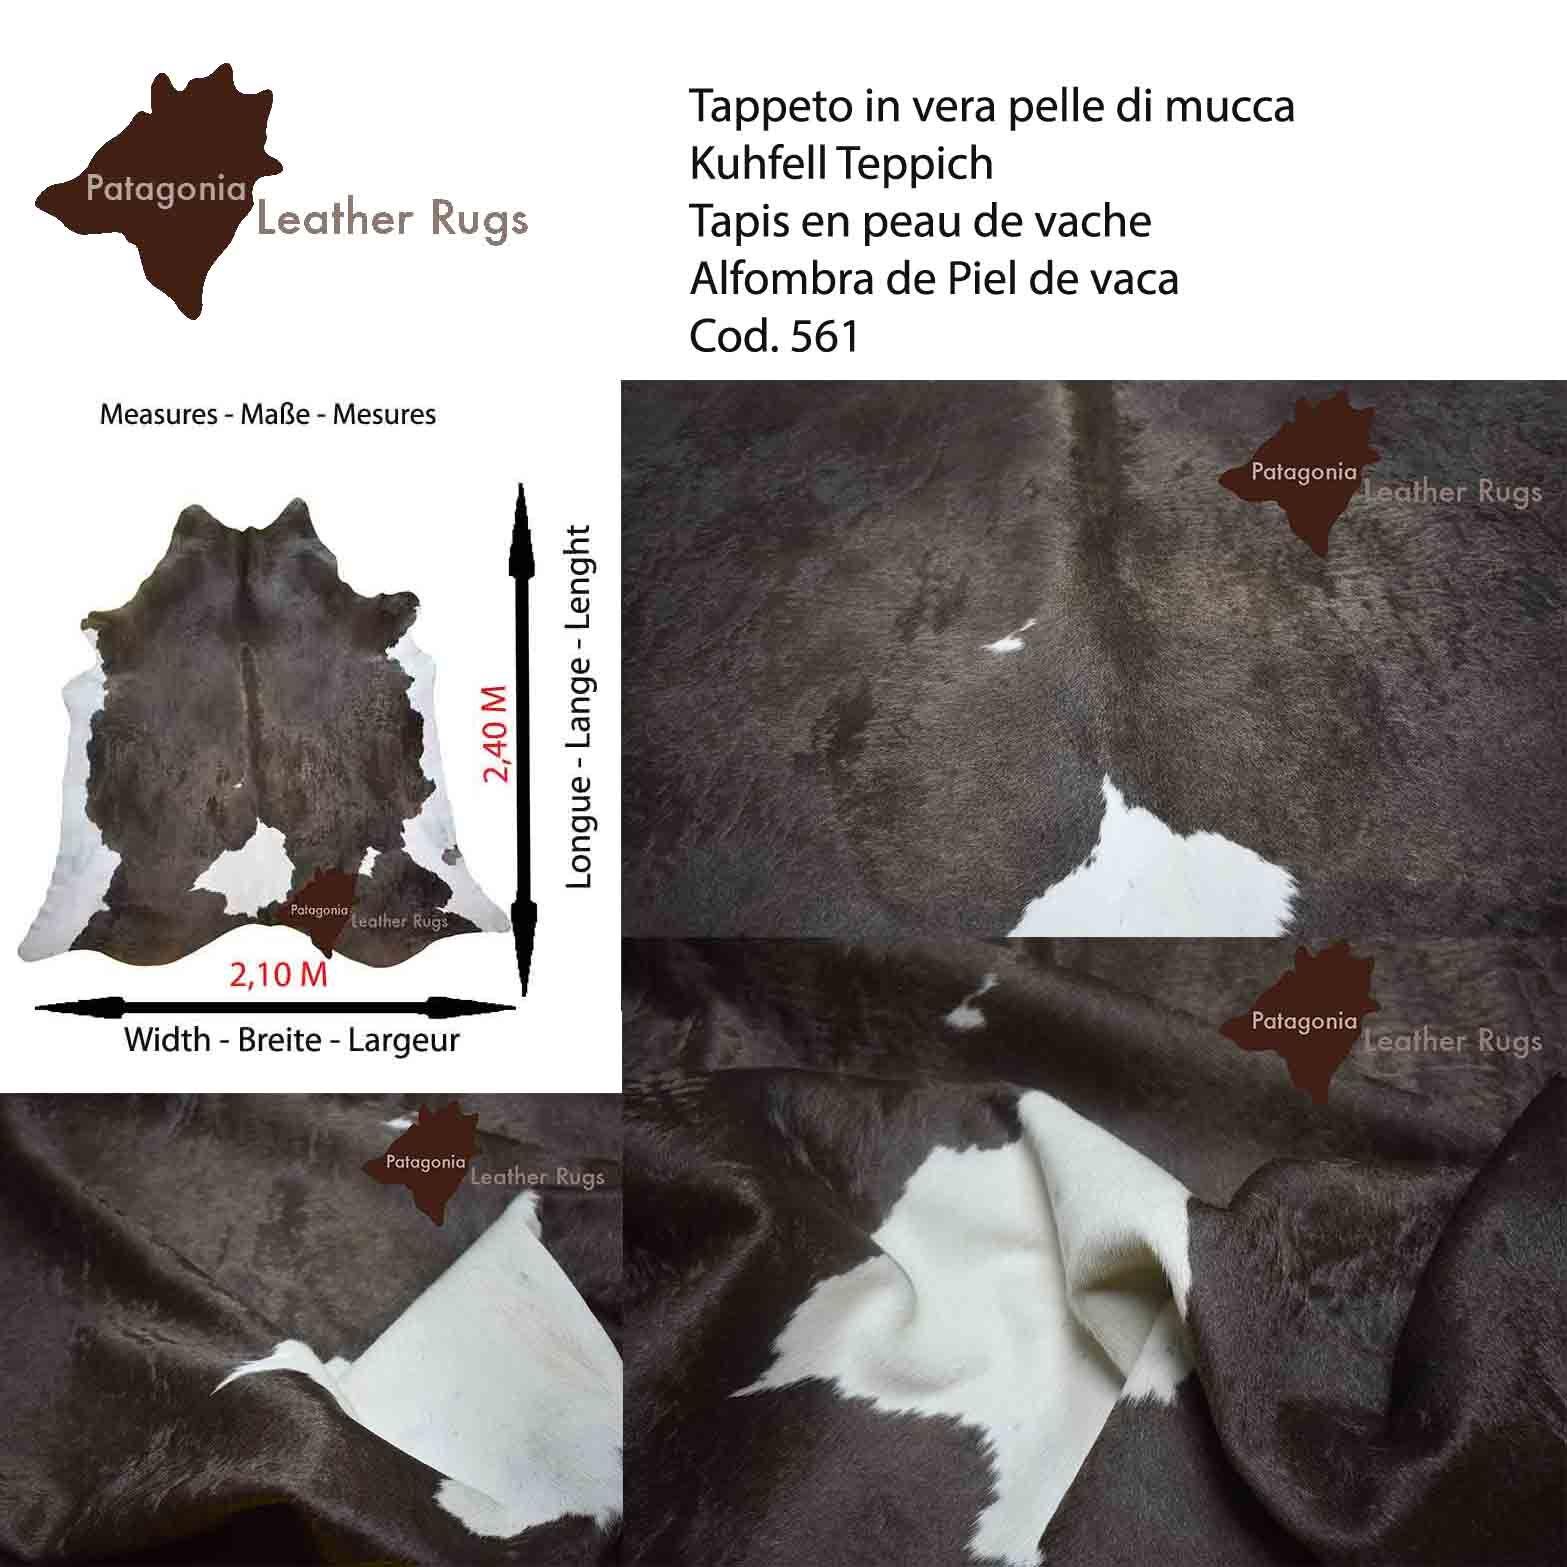 Pin di Patagonia Leather Rugs su Tappeti in pelle di mucca